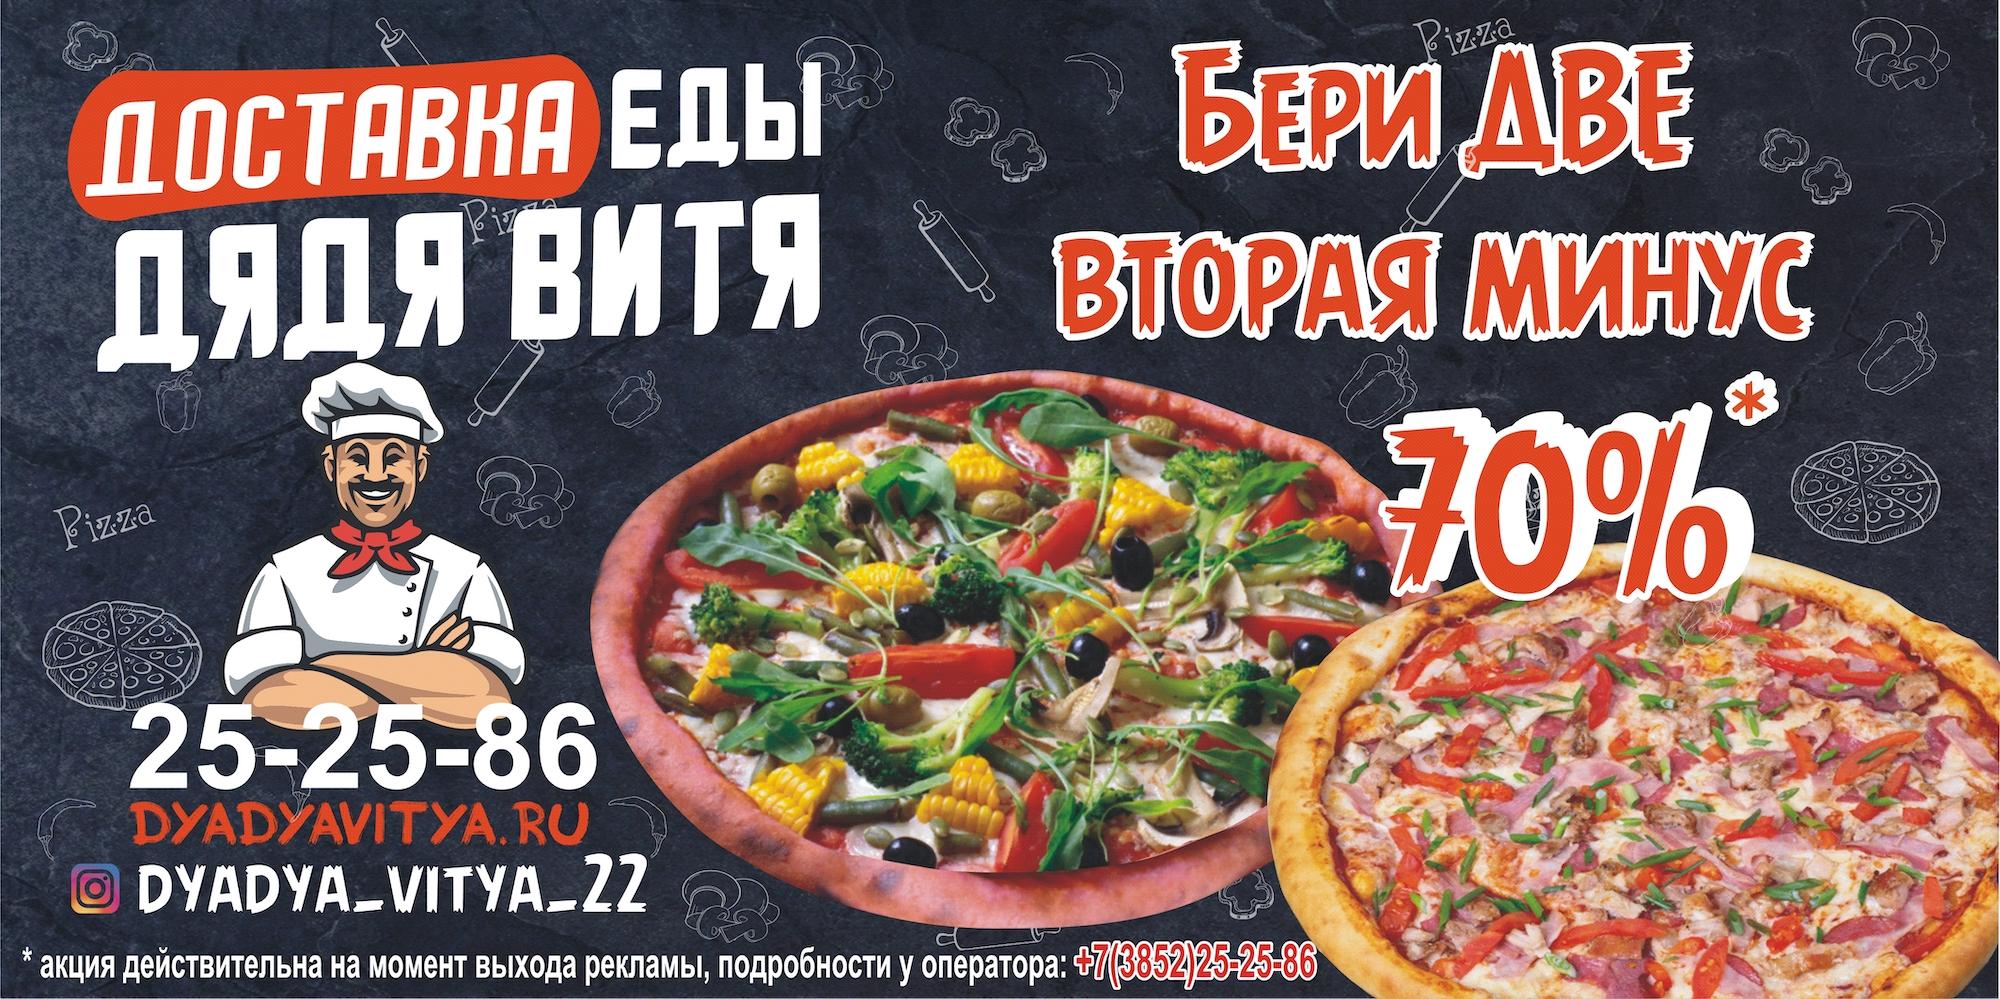 70% на вторую пиццу